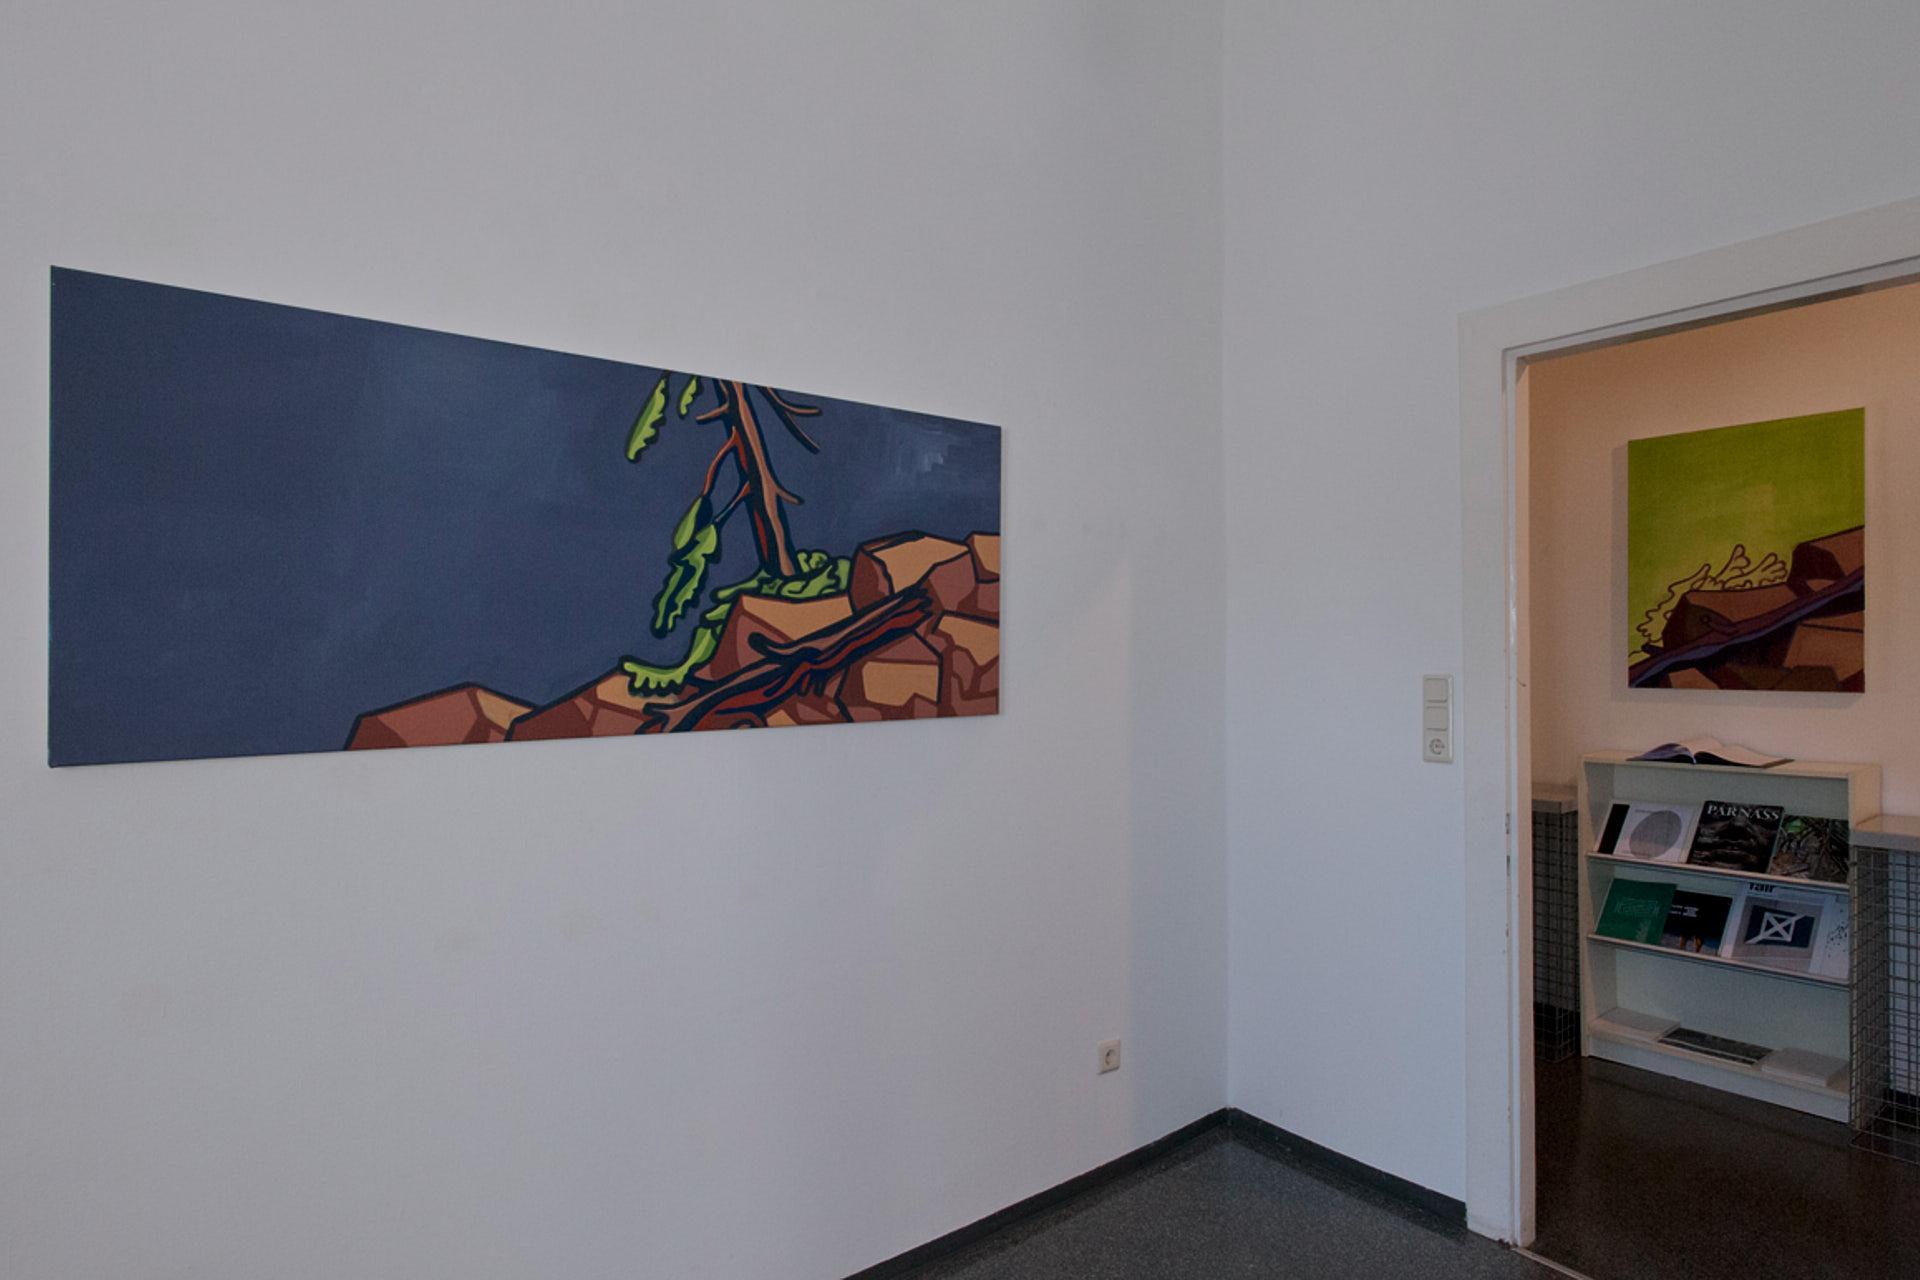 Jenud_aRGB_schmalix-8637